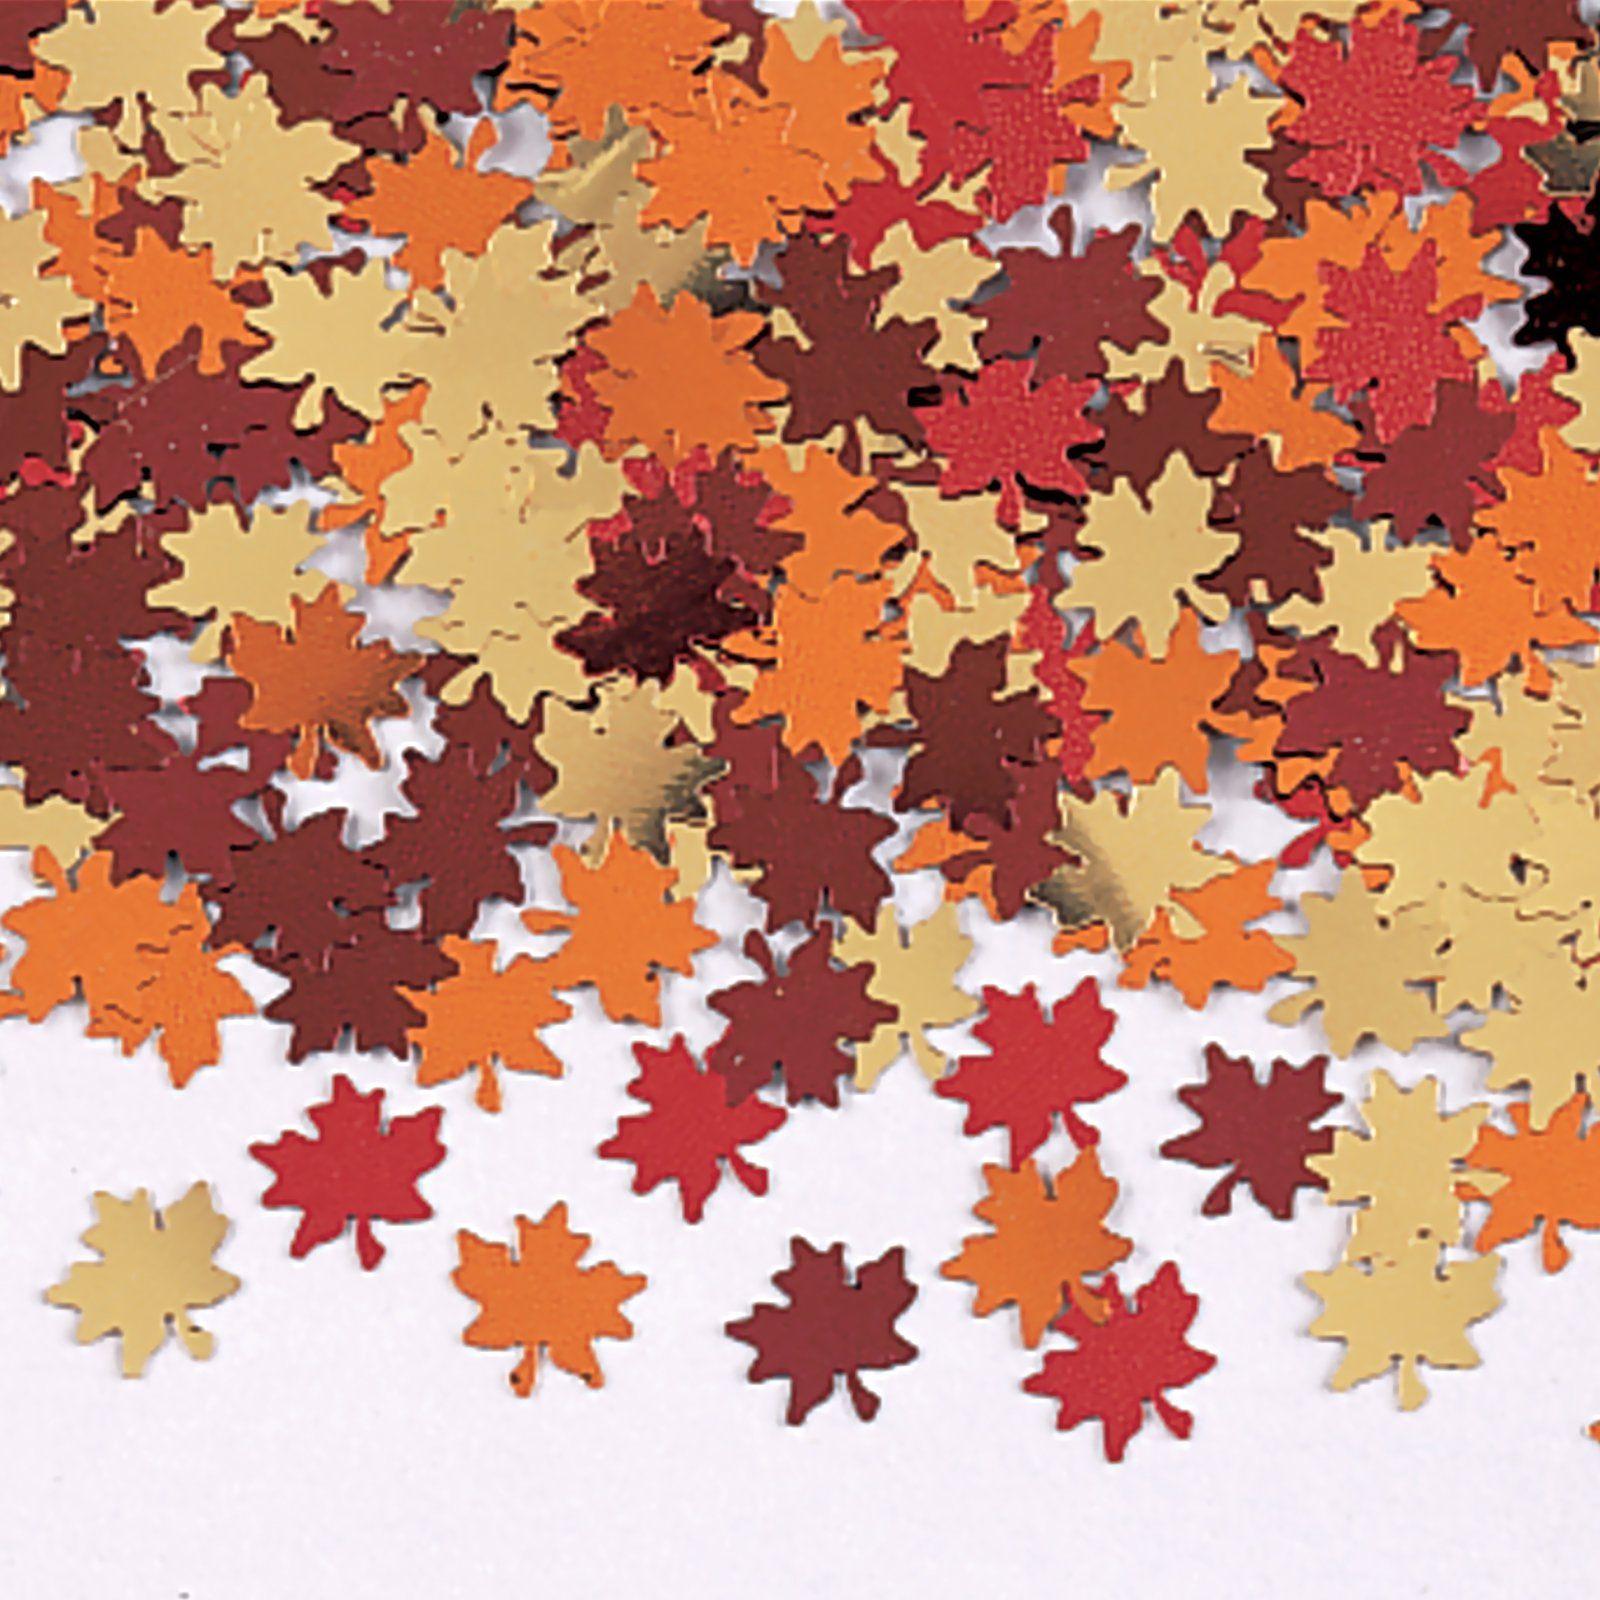 Fall leaf confetti   Confetti .*:*.*   Pinterest   Confetti ...